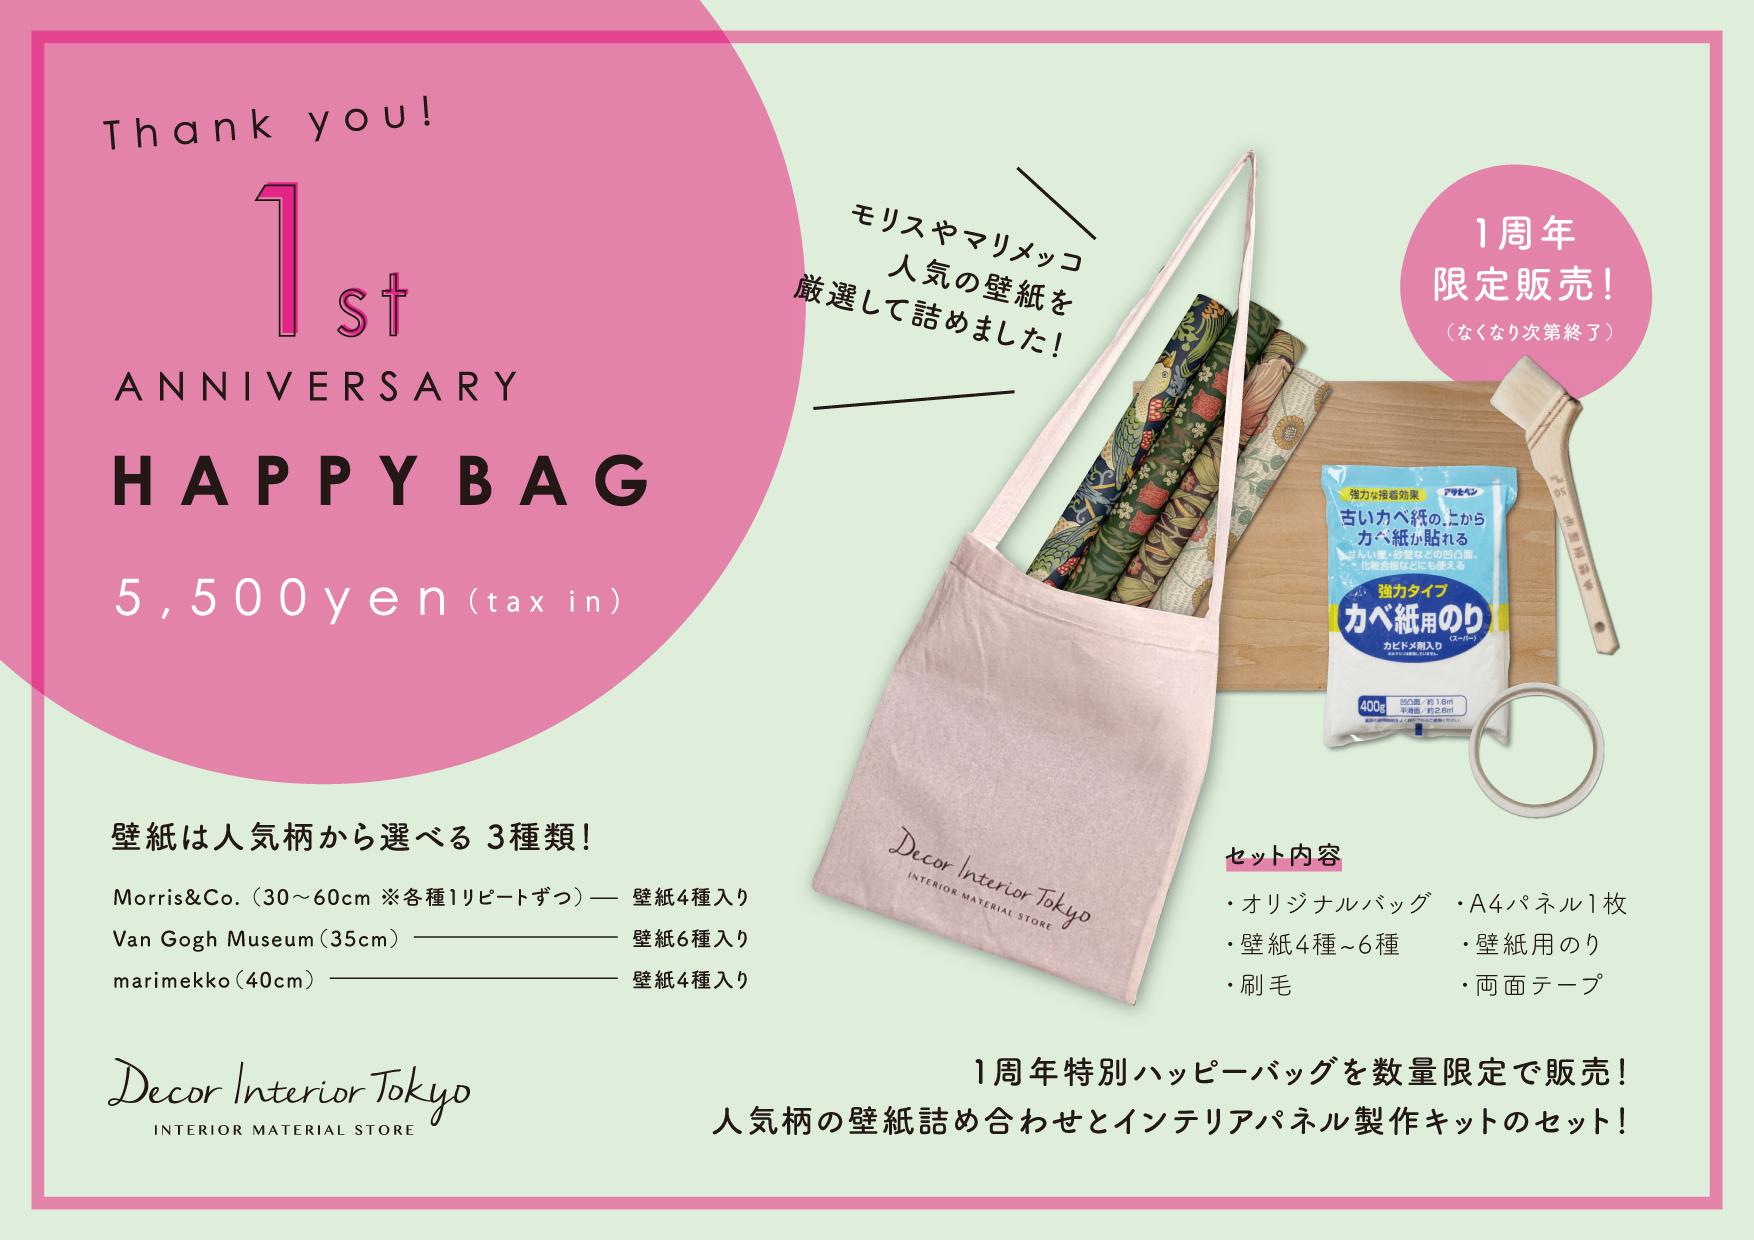 1周年記念!Happy bag-インテリアパネル製作キット